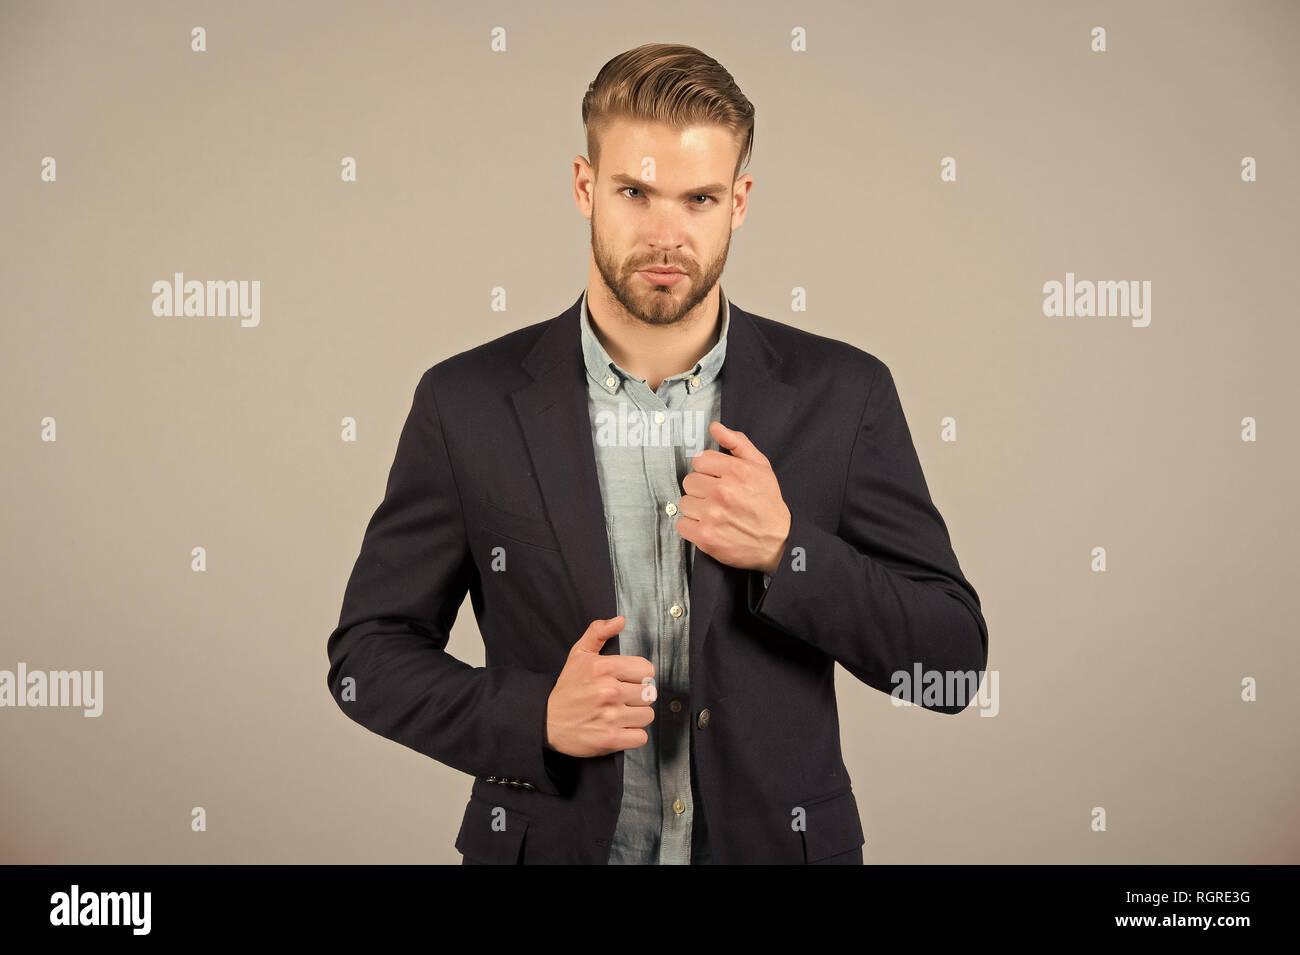 Concepto de ropa formal. El hombre barbado rostro estricto lleva ropa formal 47fc5bbe5a84